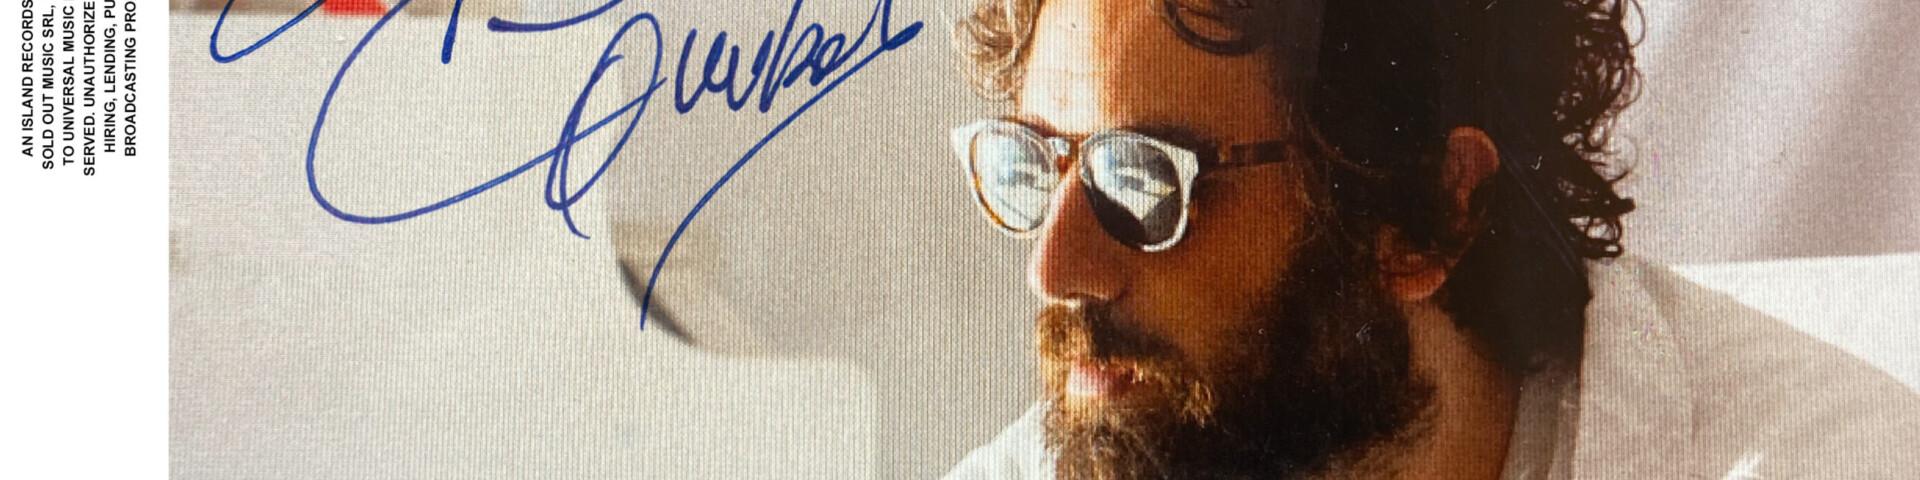 """Tommaso Paradiso: """"Space Cowboy"""" è il nuovo album"""